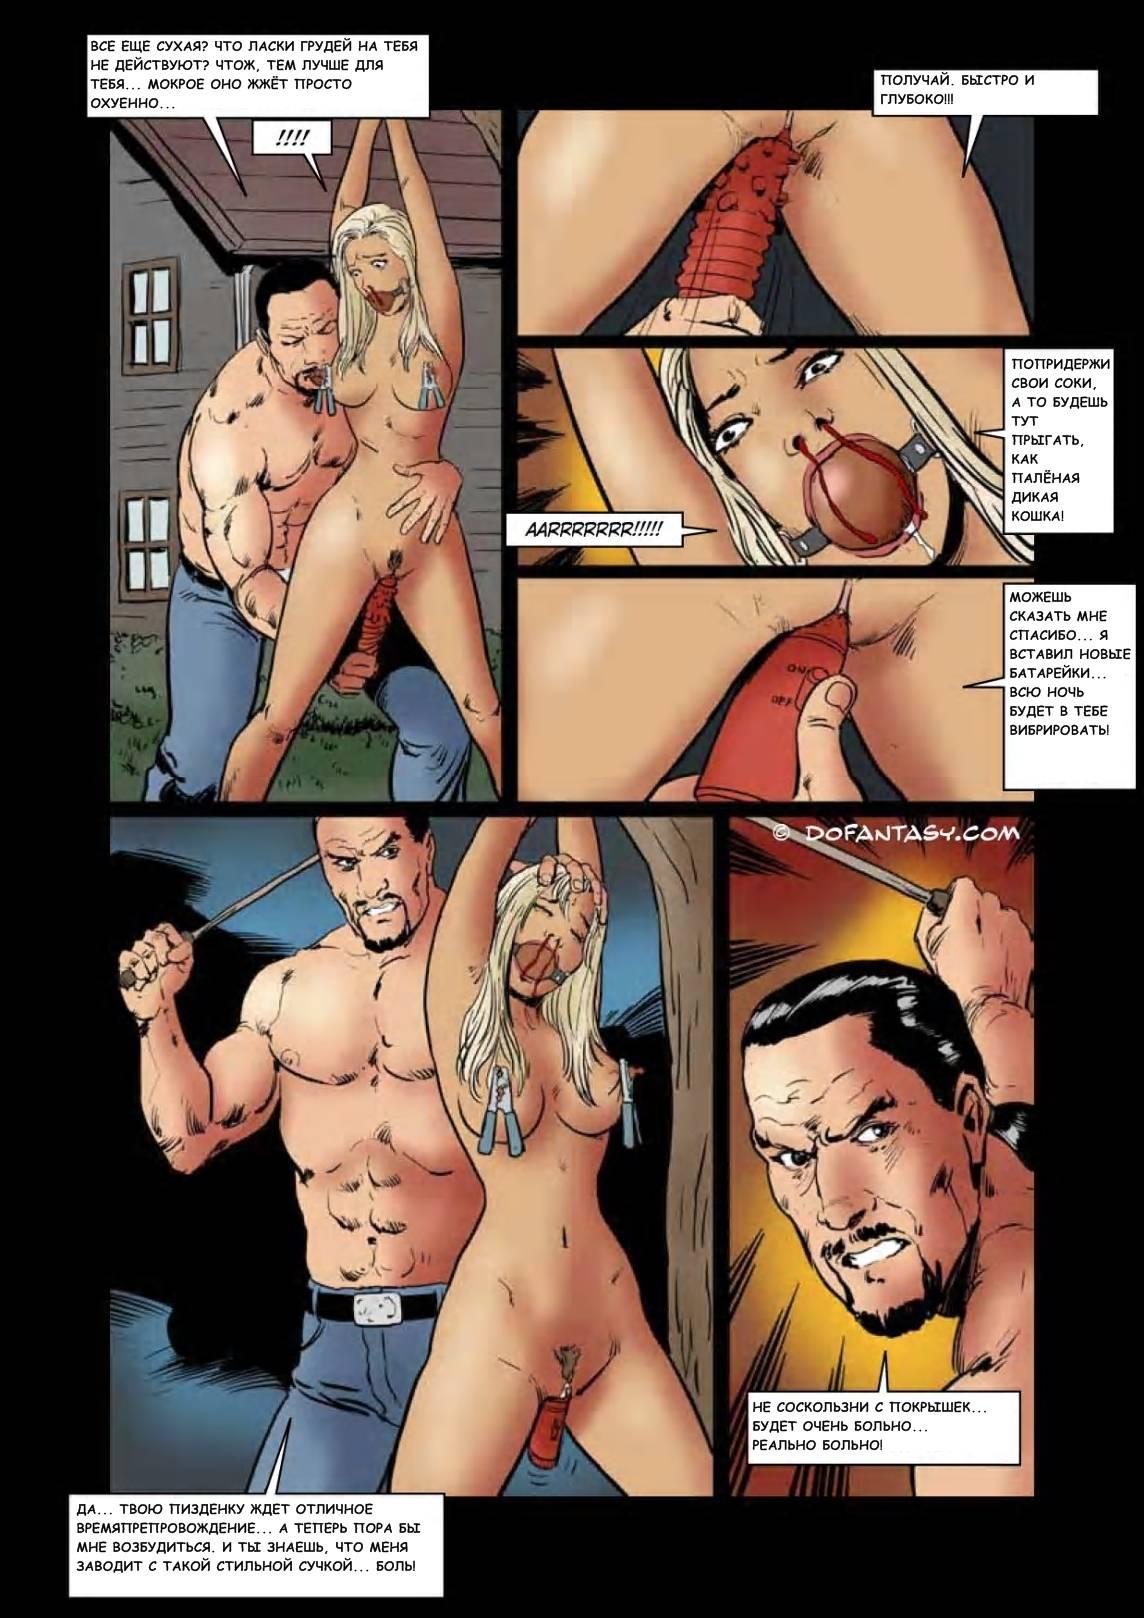 Реально больно бдсм порно 19 фотография